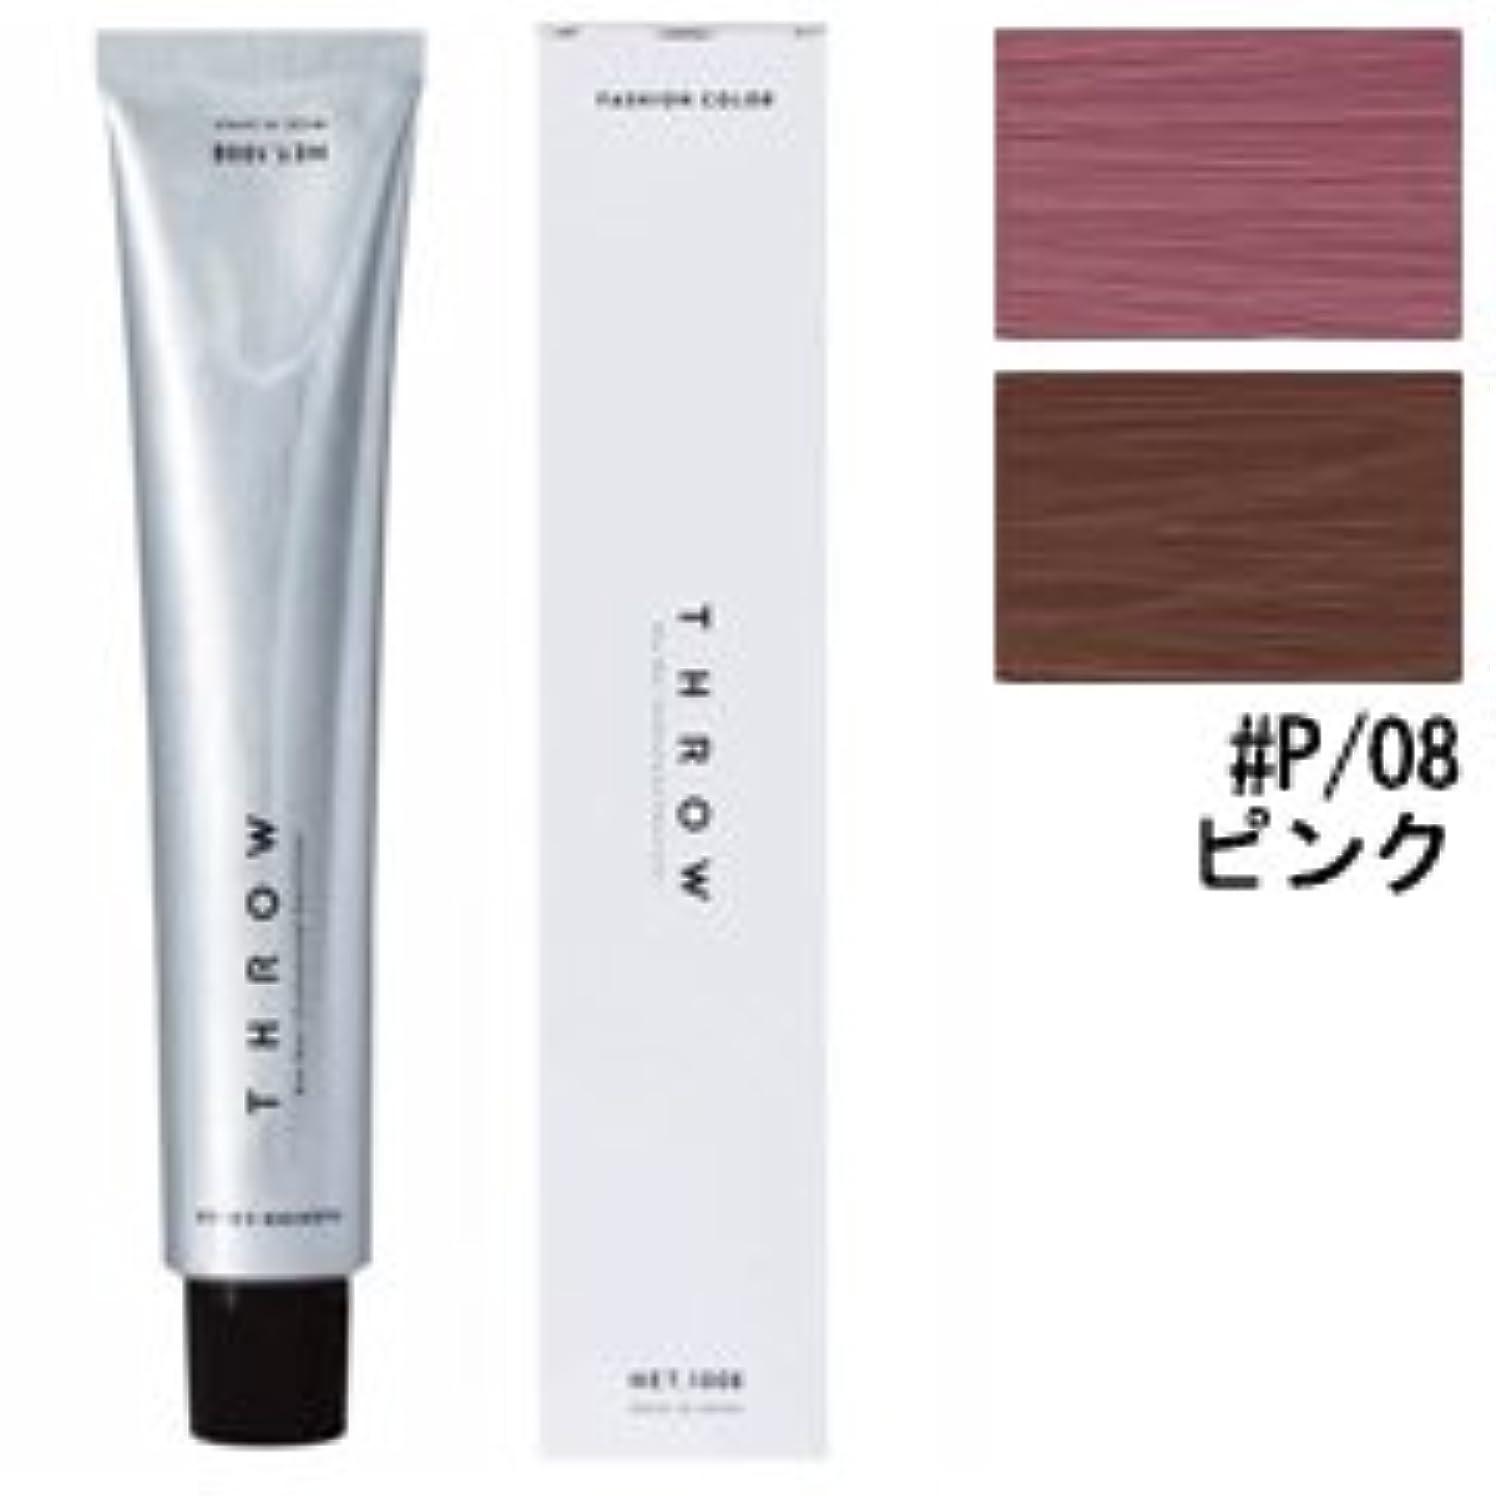 ウィンク五フラグラント【モルトベーネ】スロウ ファッションカラー #P/08 ピンク 100g